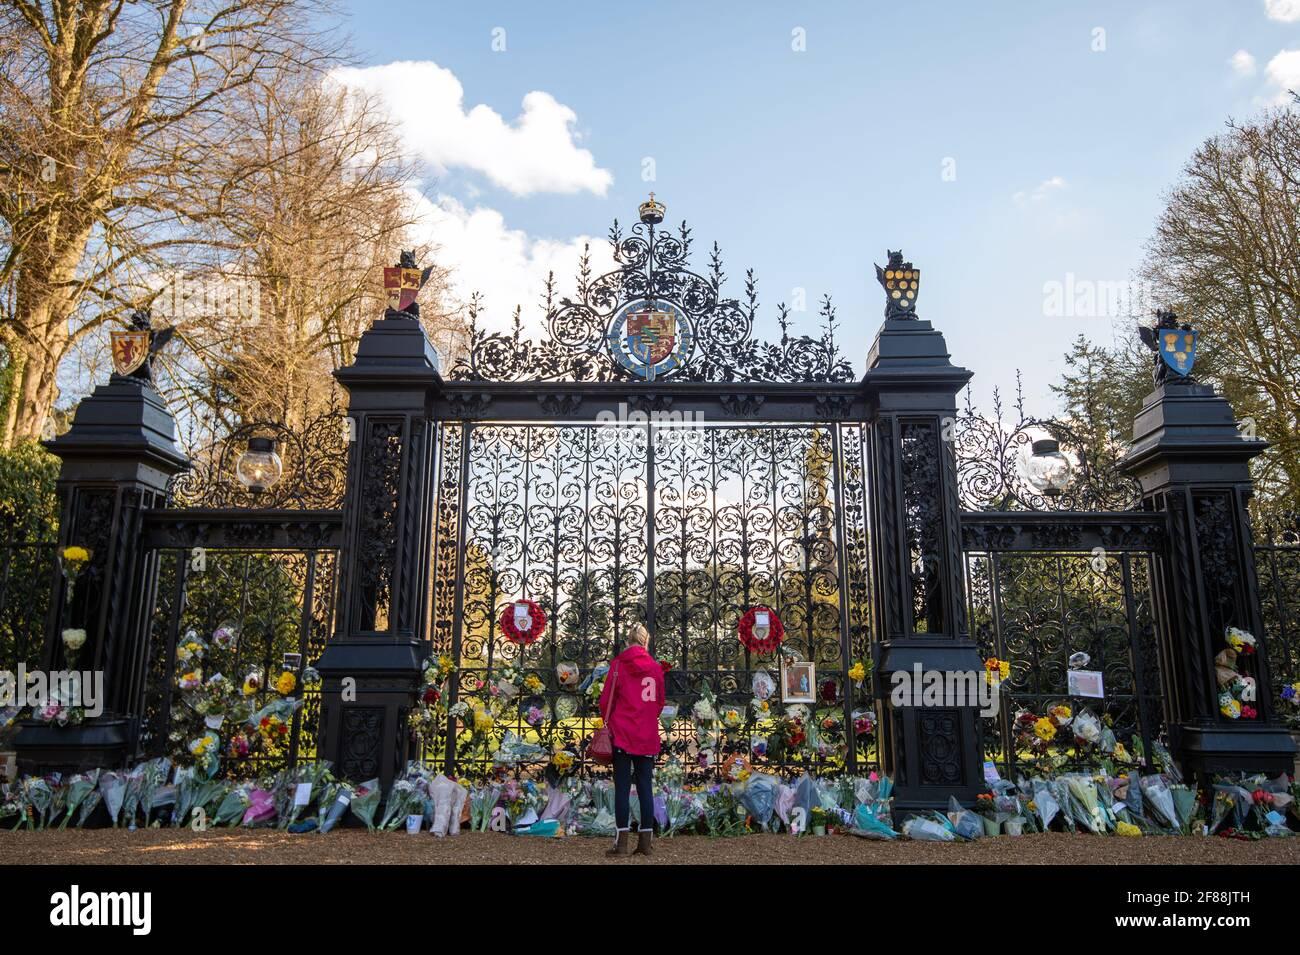 Una mujer le paga sus respetos a las puertas de la Casa de Sandringham en Norfolk, tras el anuncio el viernes 9 de abril de la muerte del Duque de Edimburgo a la edad de 99 años. Fecha de la foto: Lunes 12 de abril de 2021. Foto de stock